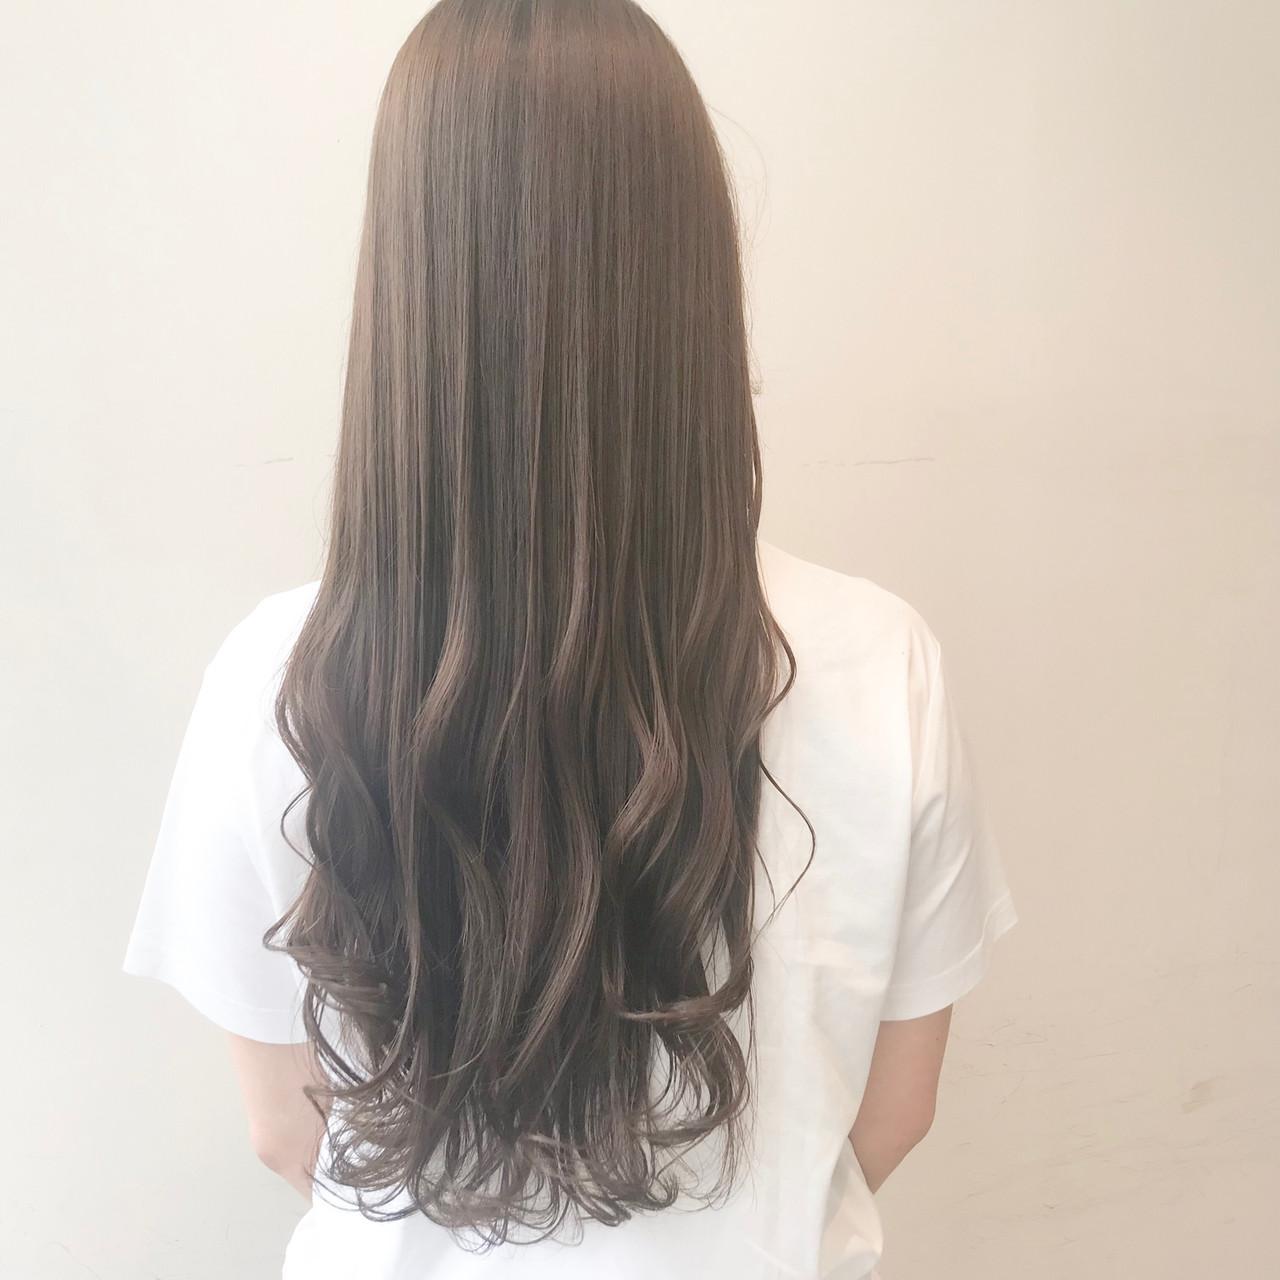 透明感カラー ブリーチ無し ミルクティーグレージュ ロング ヘアスタイルや髪型の写真・画像 | 村西 郁人 / rue